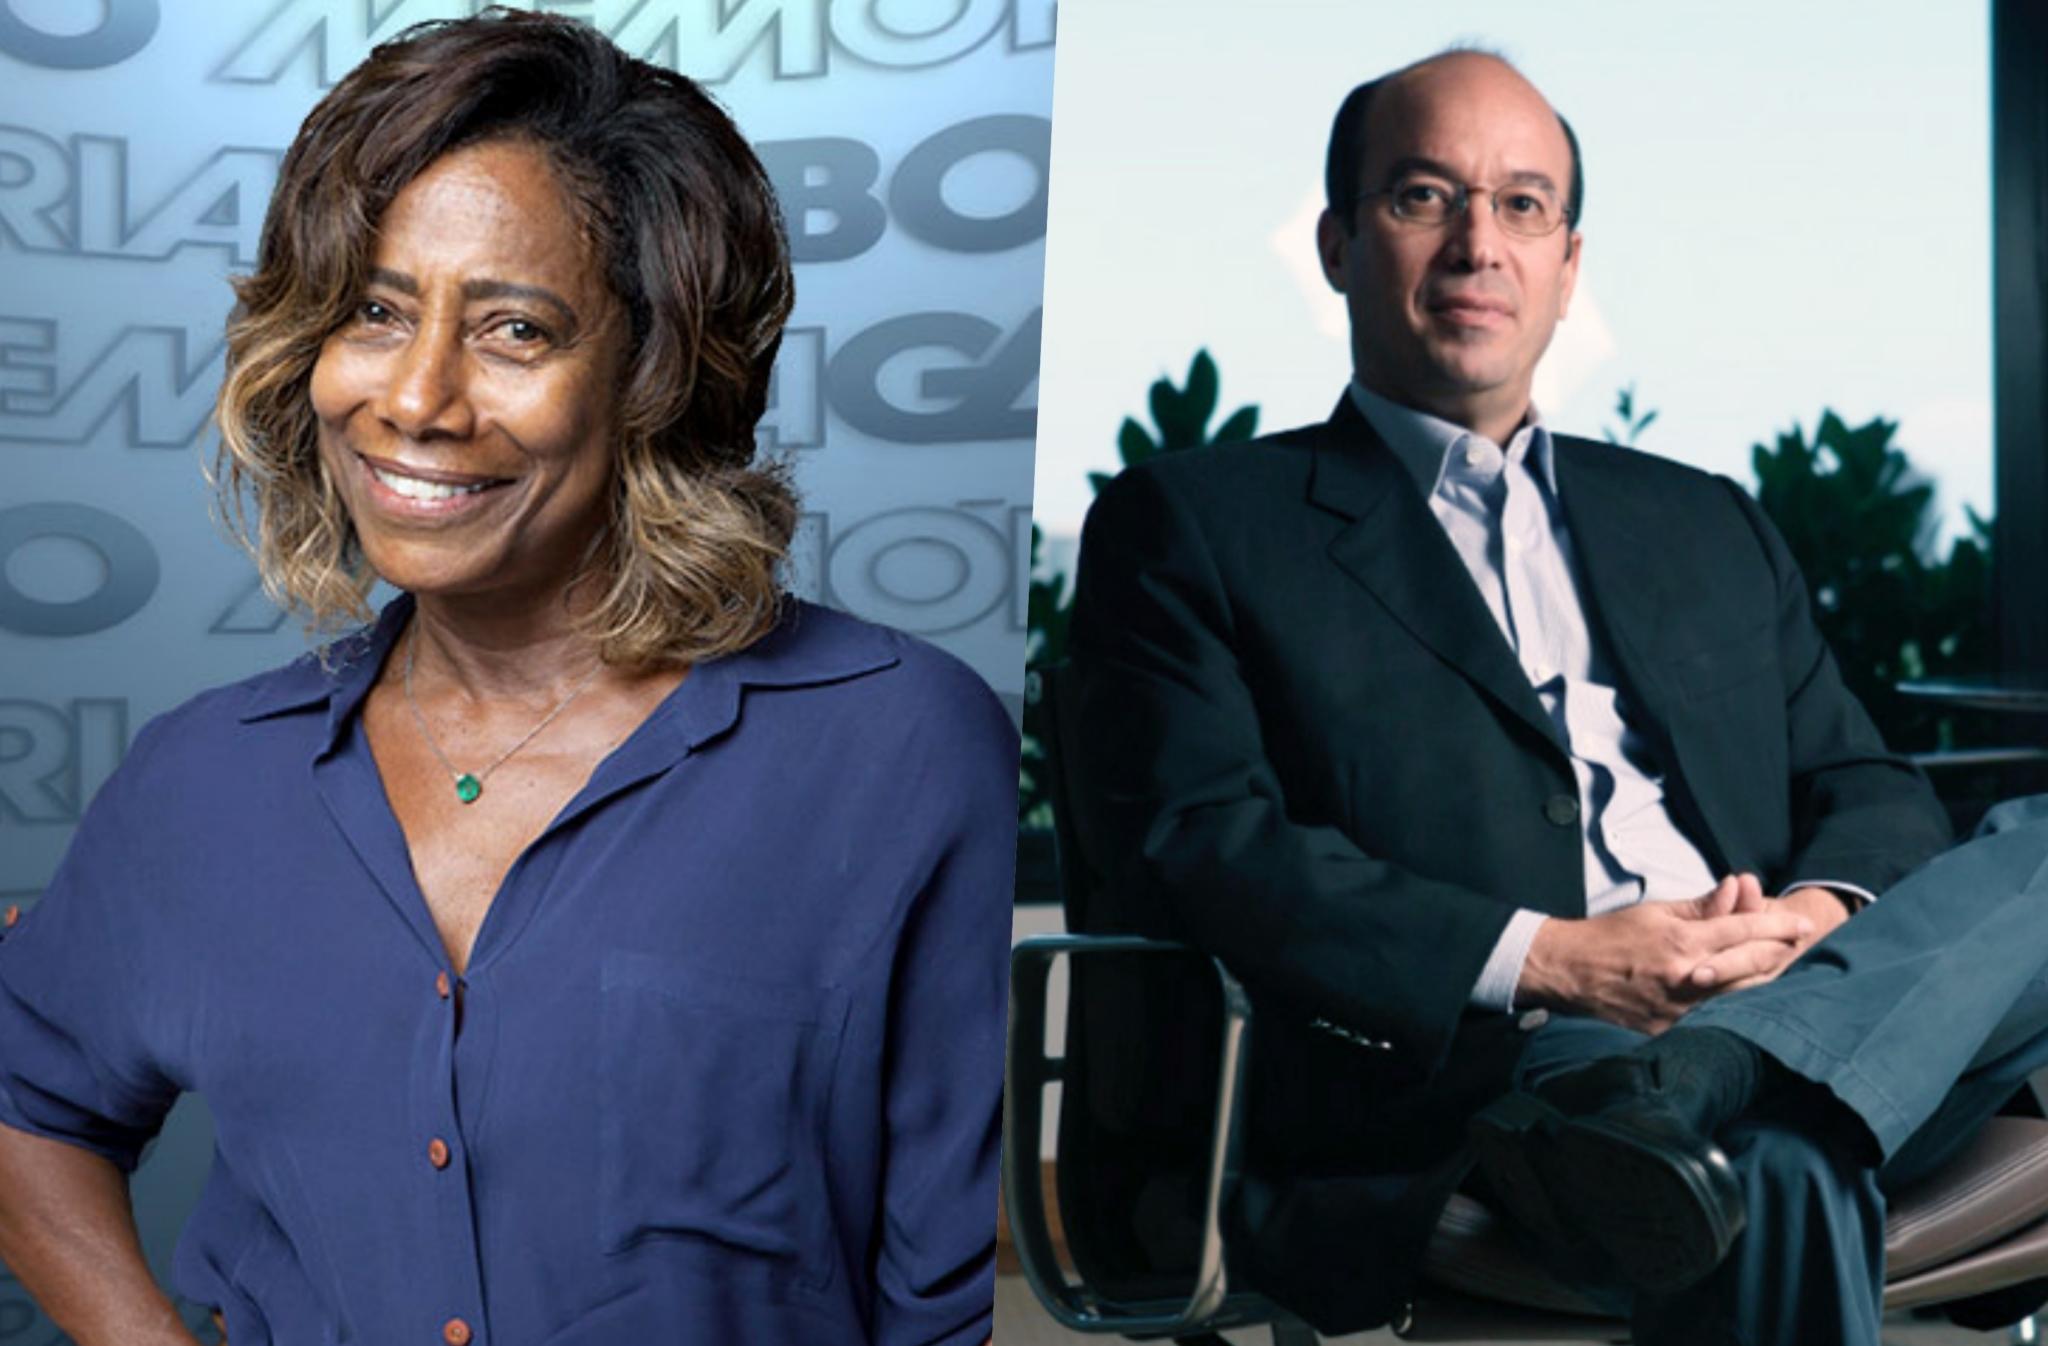 Biografia relata que a jornalista Glória Maria foi casada com filho de Roberto Marinho